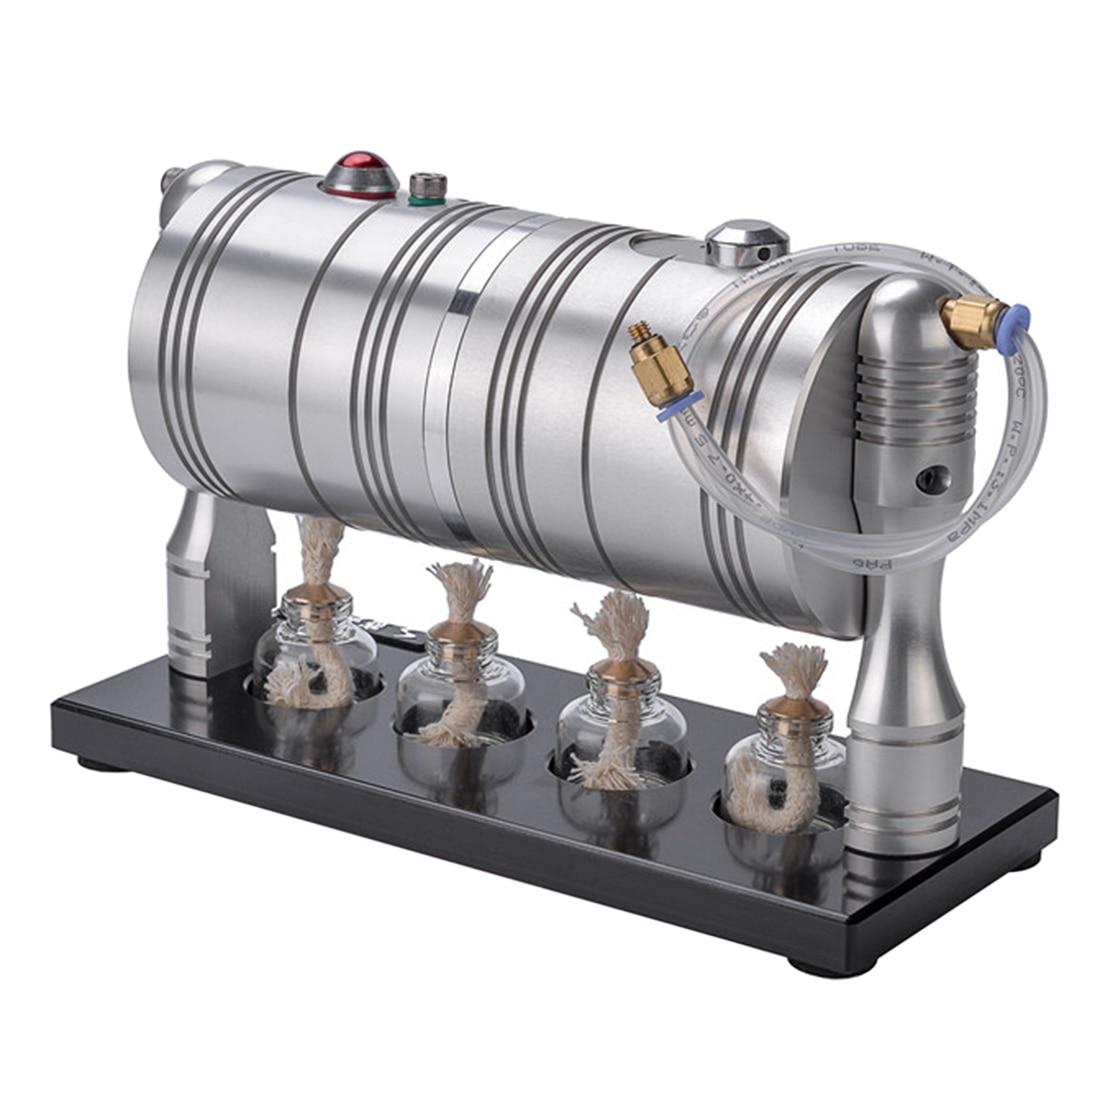 Plein métal Startable rétro moteur à vapeur moteur modèle éducation bricolage modèle jouet cadeau pour enfants artisanat ornement découverte alternateur